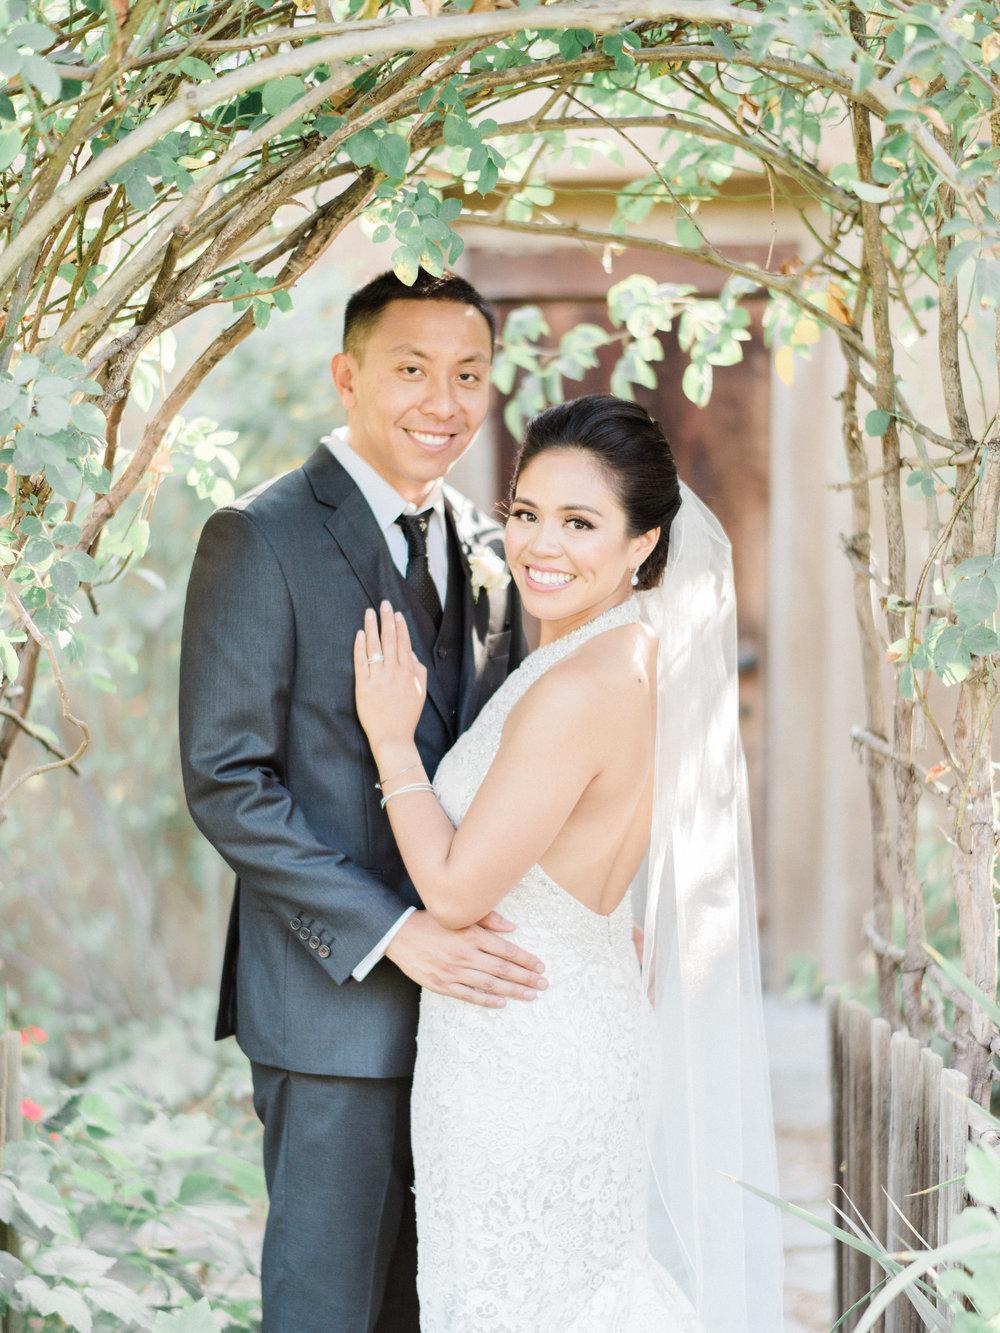 lilibethandjoey-wedding-594.jpg